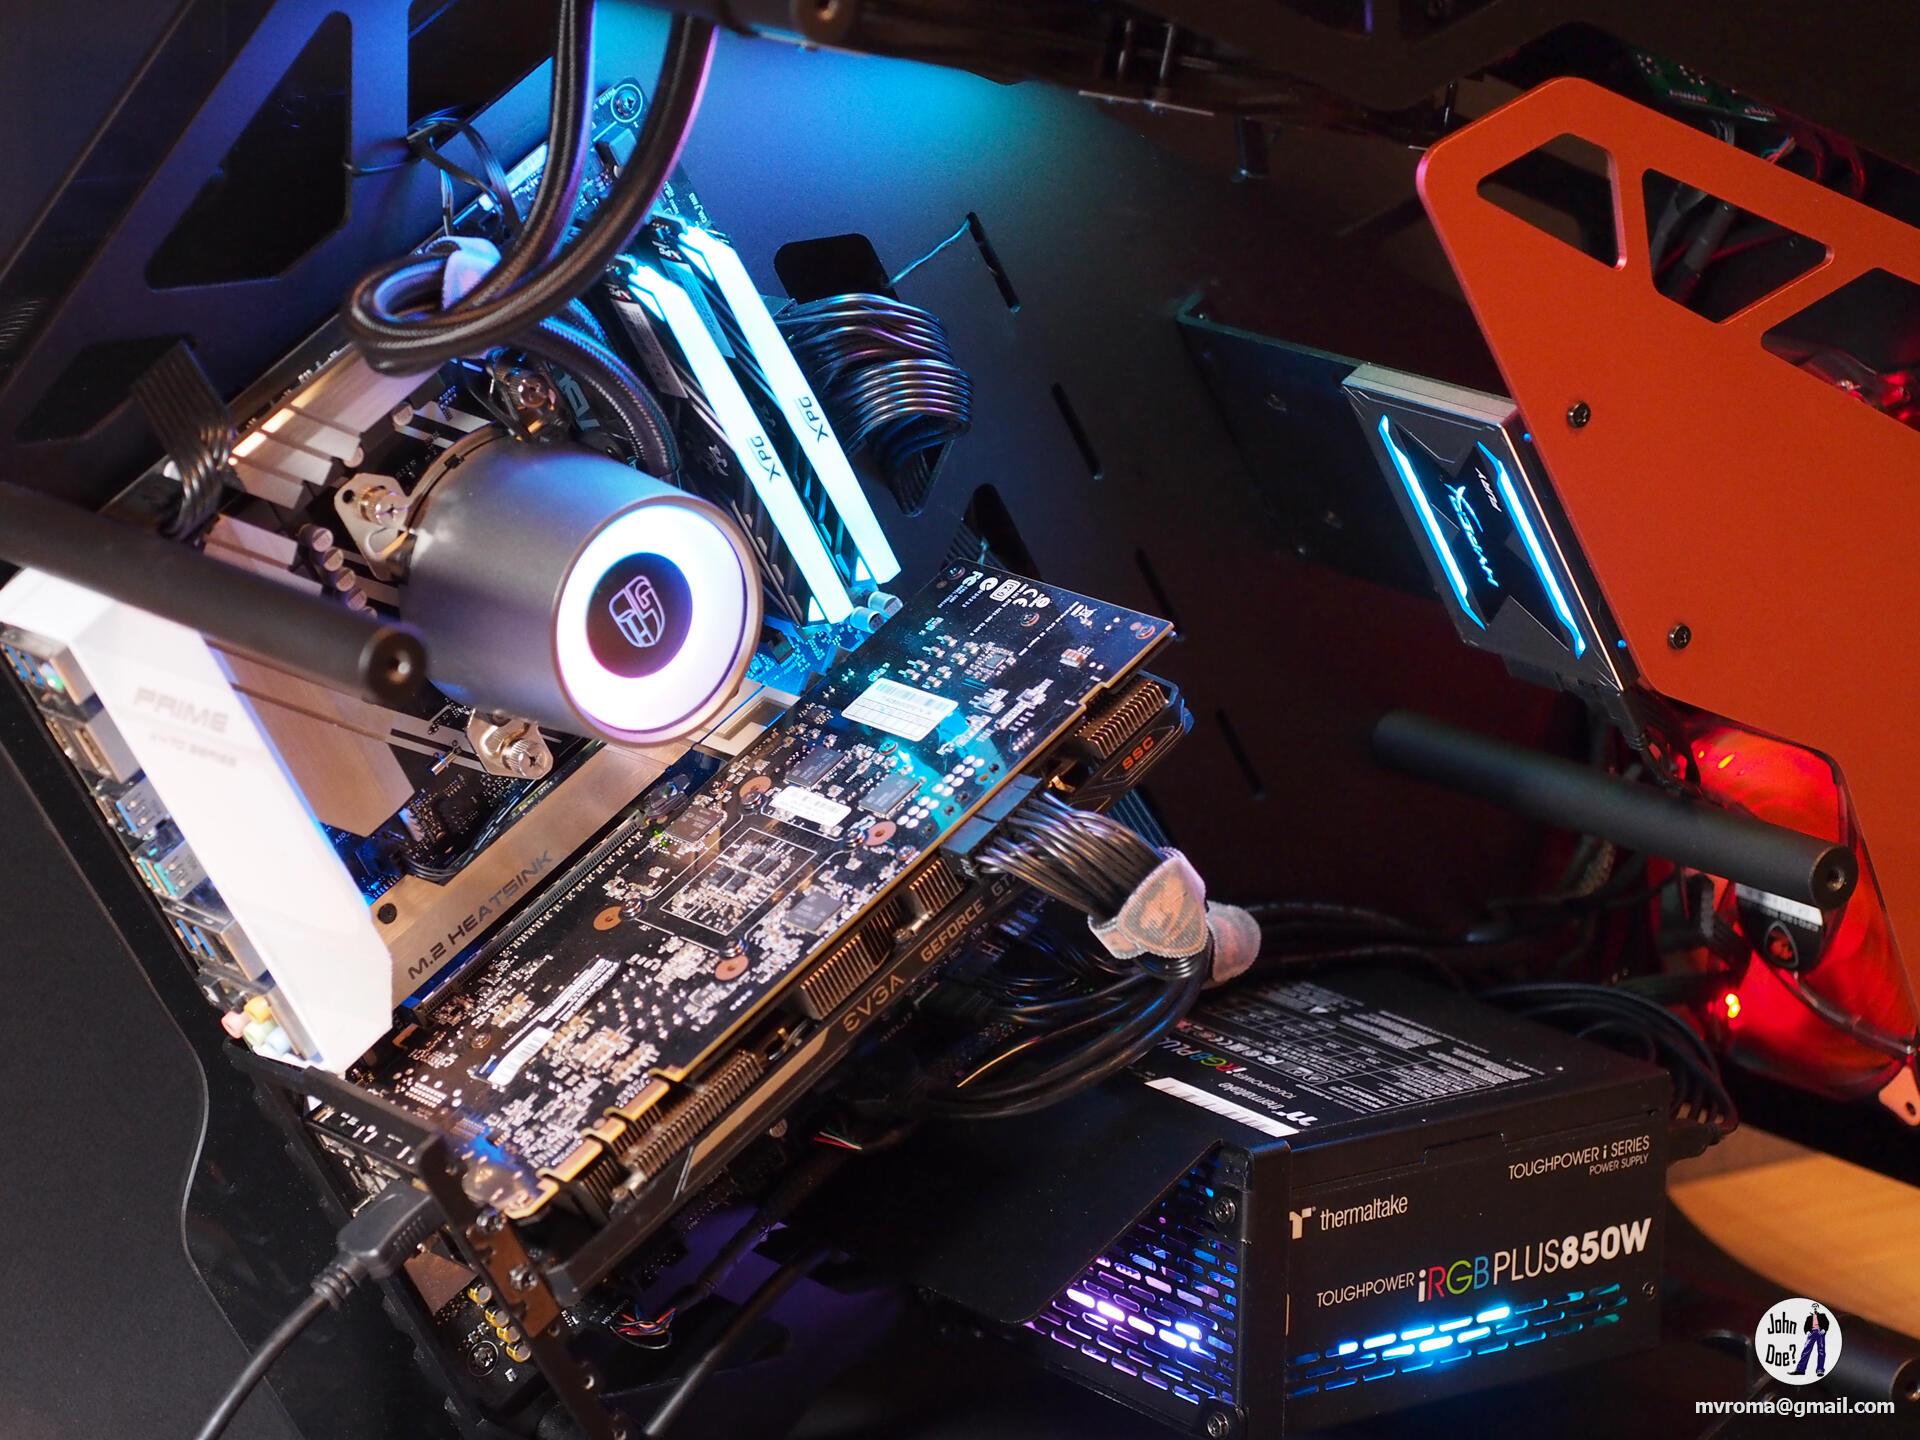 Kompyutery i komplektuyushcie - Obzor Kingston HyperX Fury SSD 240 GB (SHFR200/240G). Prioritet na RGB-podsvetku